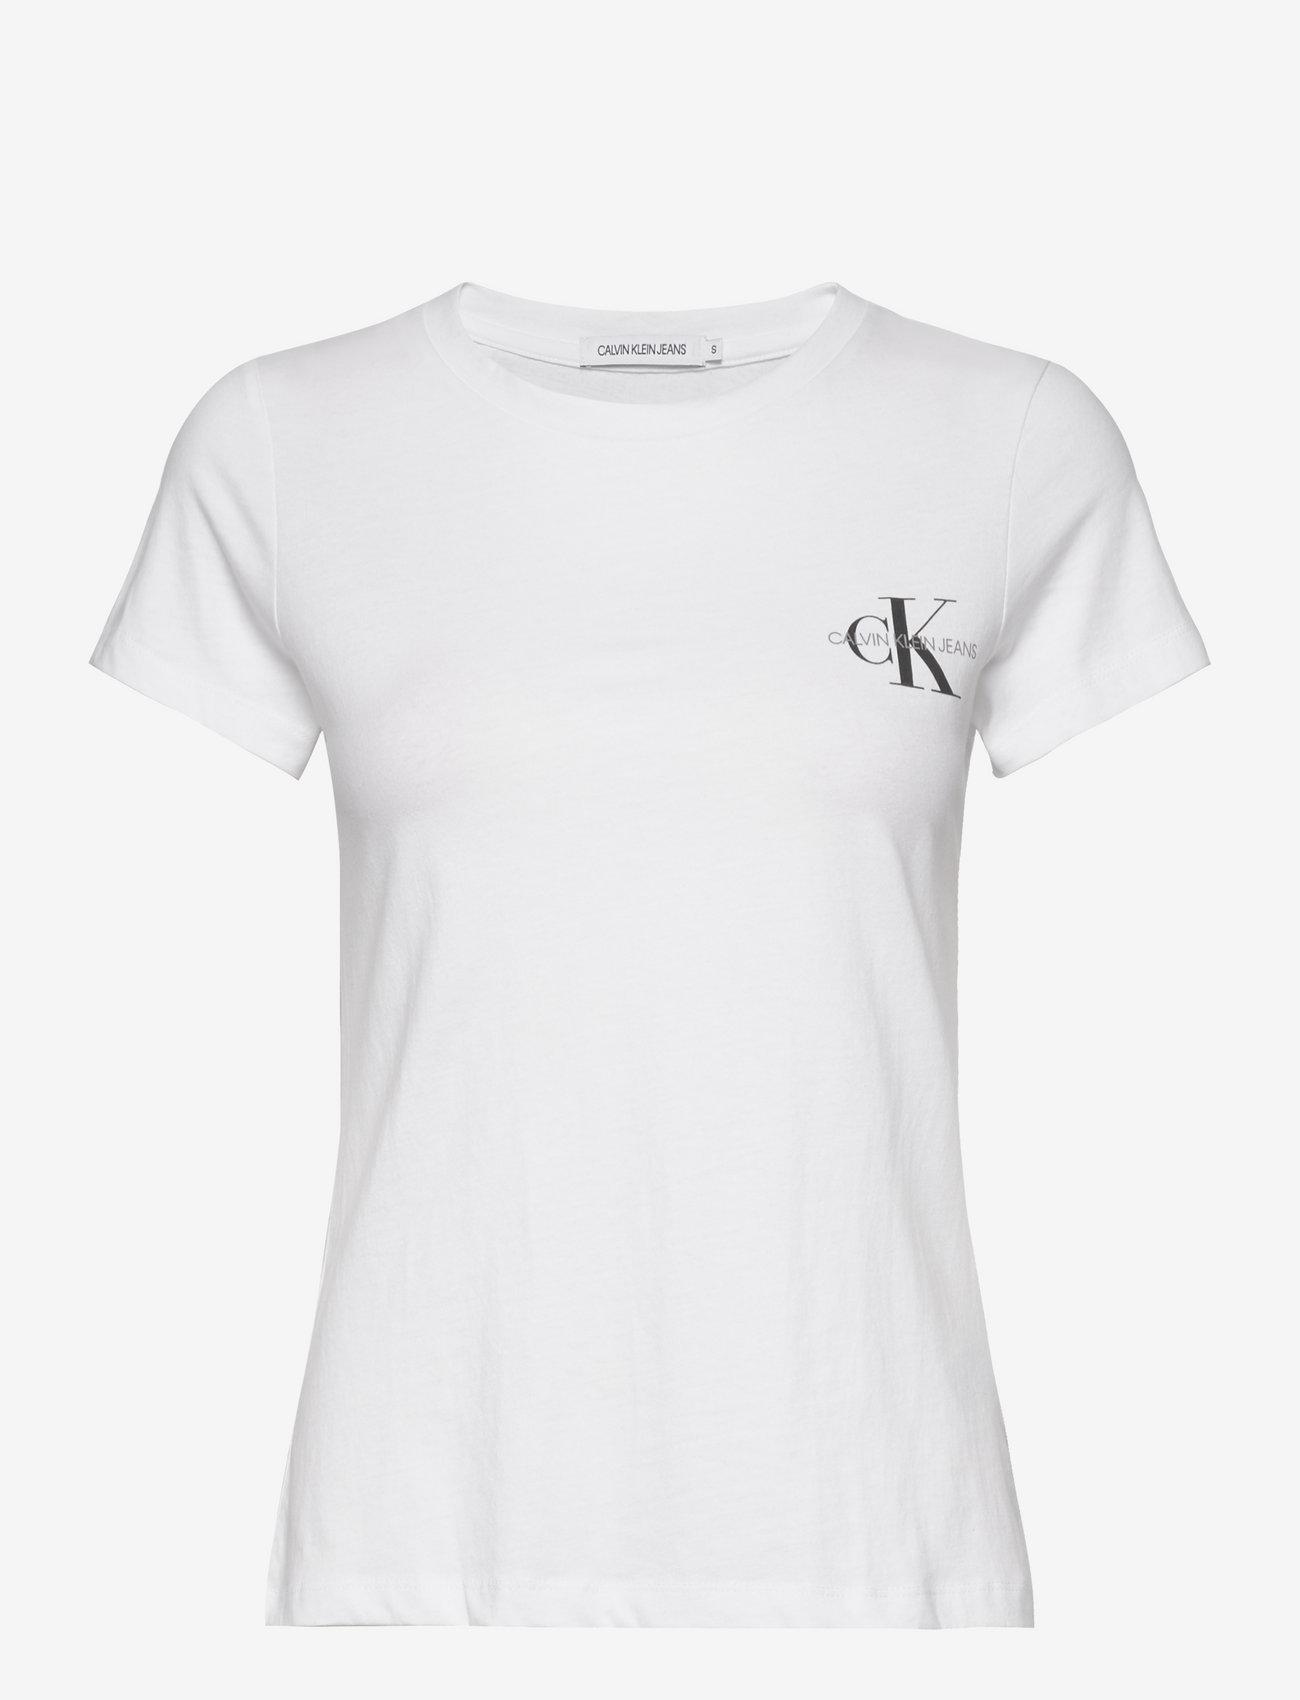 Calvin Klein Jeans - 2 PACK SLIM T-SHIRT - t-shirts - bright white / bright white - 1